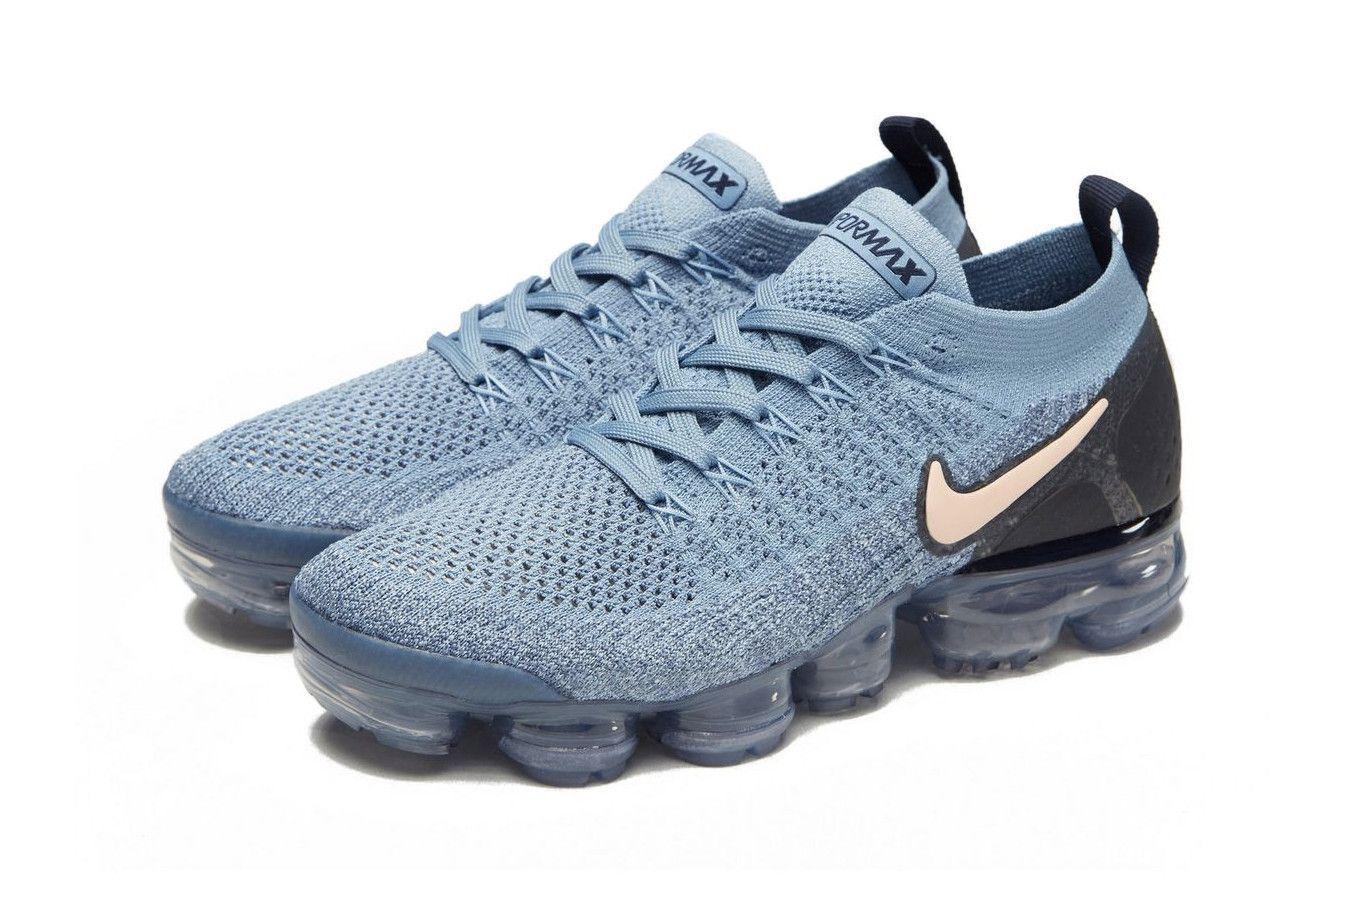 c2eef89f48 Nike Drops Air VaporMax Flyknit 2.0 in Baby Blue Light Blue Womens Sneaker  #womenssneakers. Fashion sneakers.